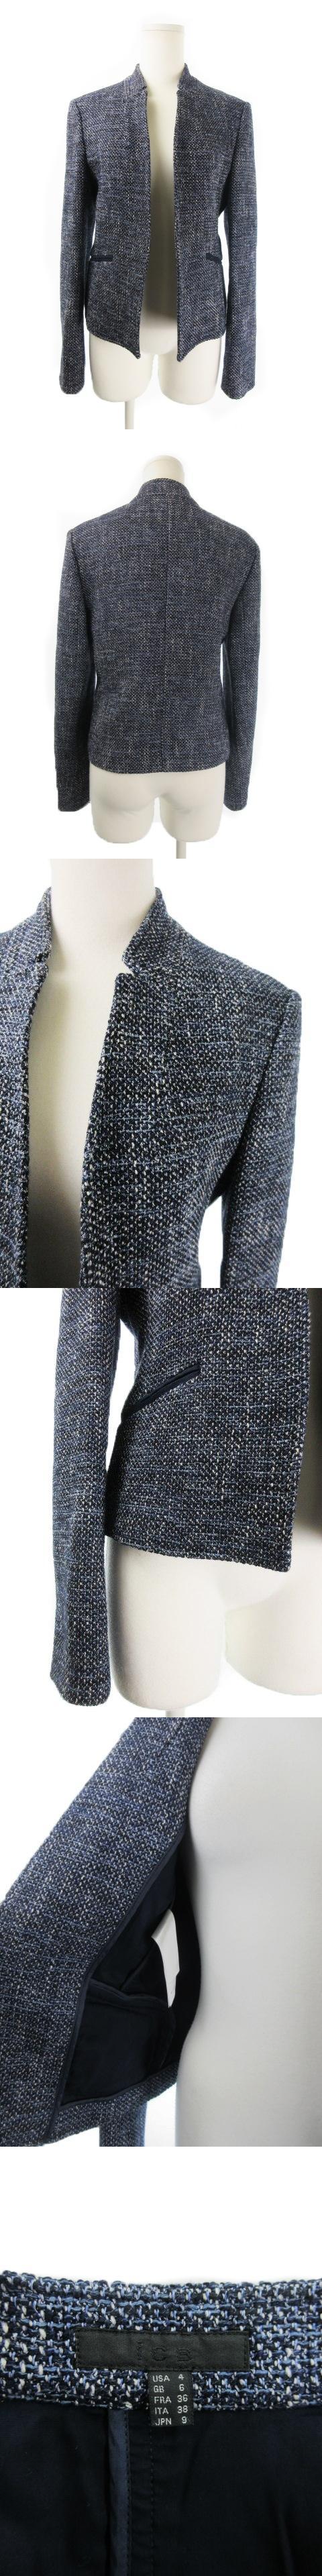 ジャケット トッパー 総裏地 ツイード ラメ ウール混 9 紺 ネイビー /CK12